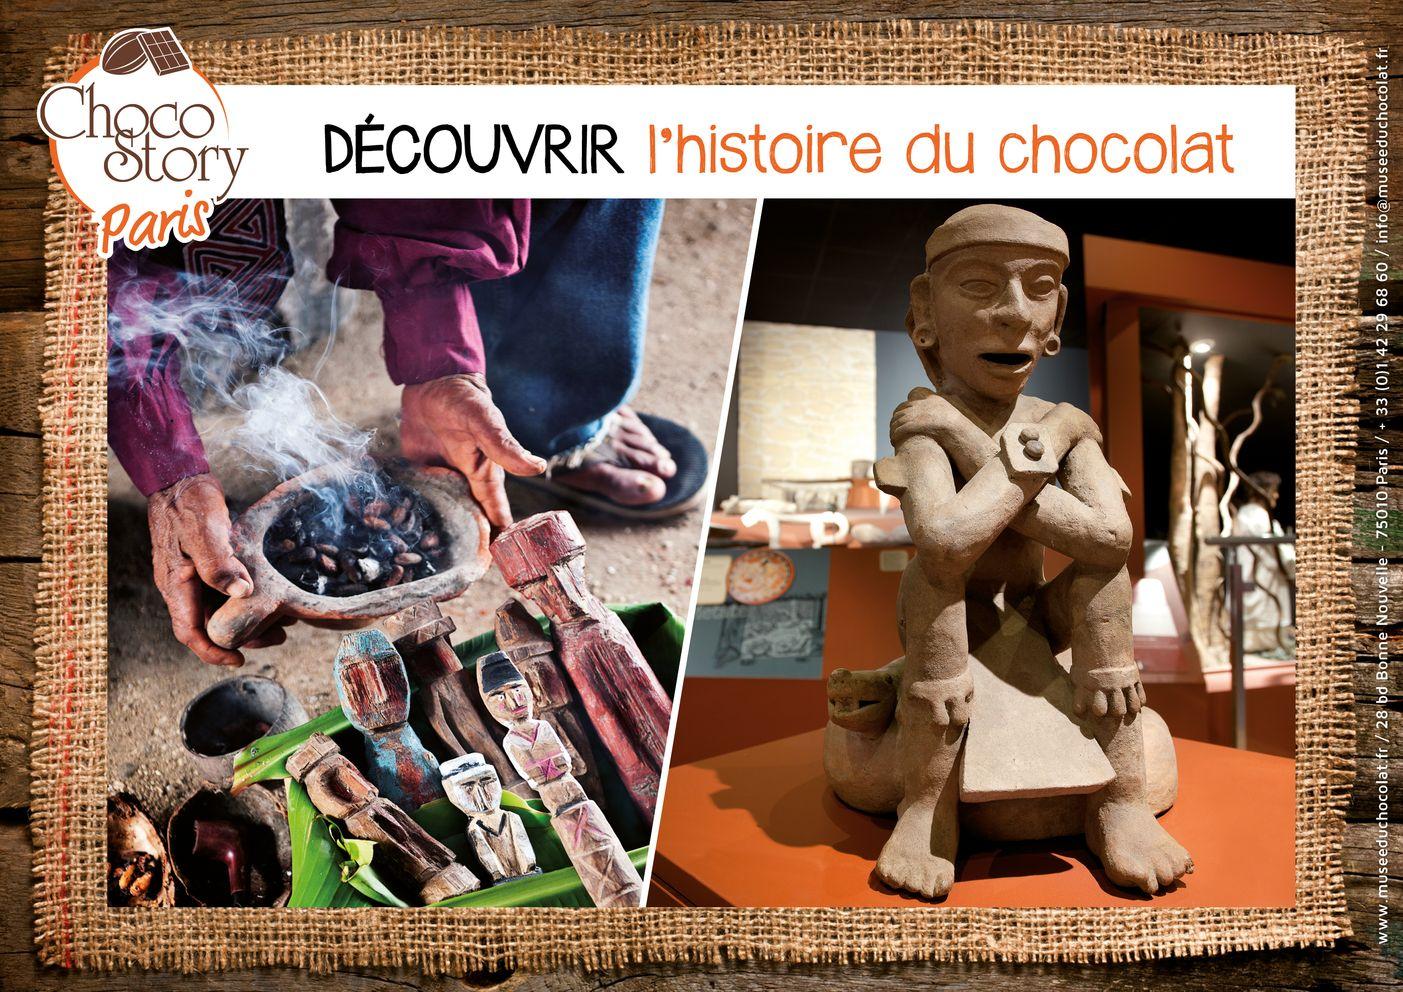 Choco-Story Paris - Visuel Com Média 1